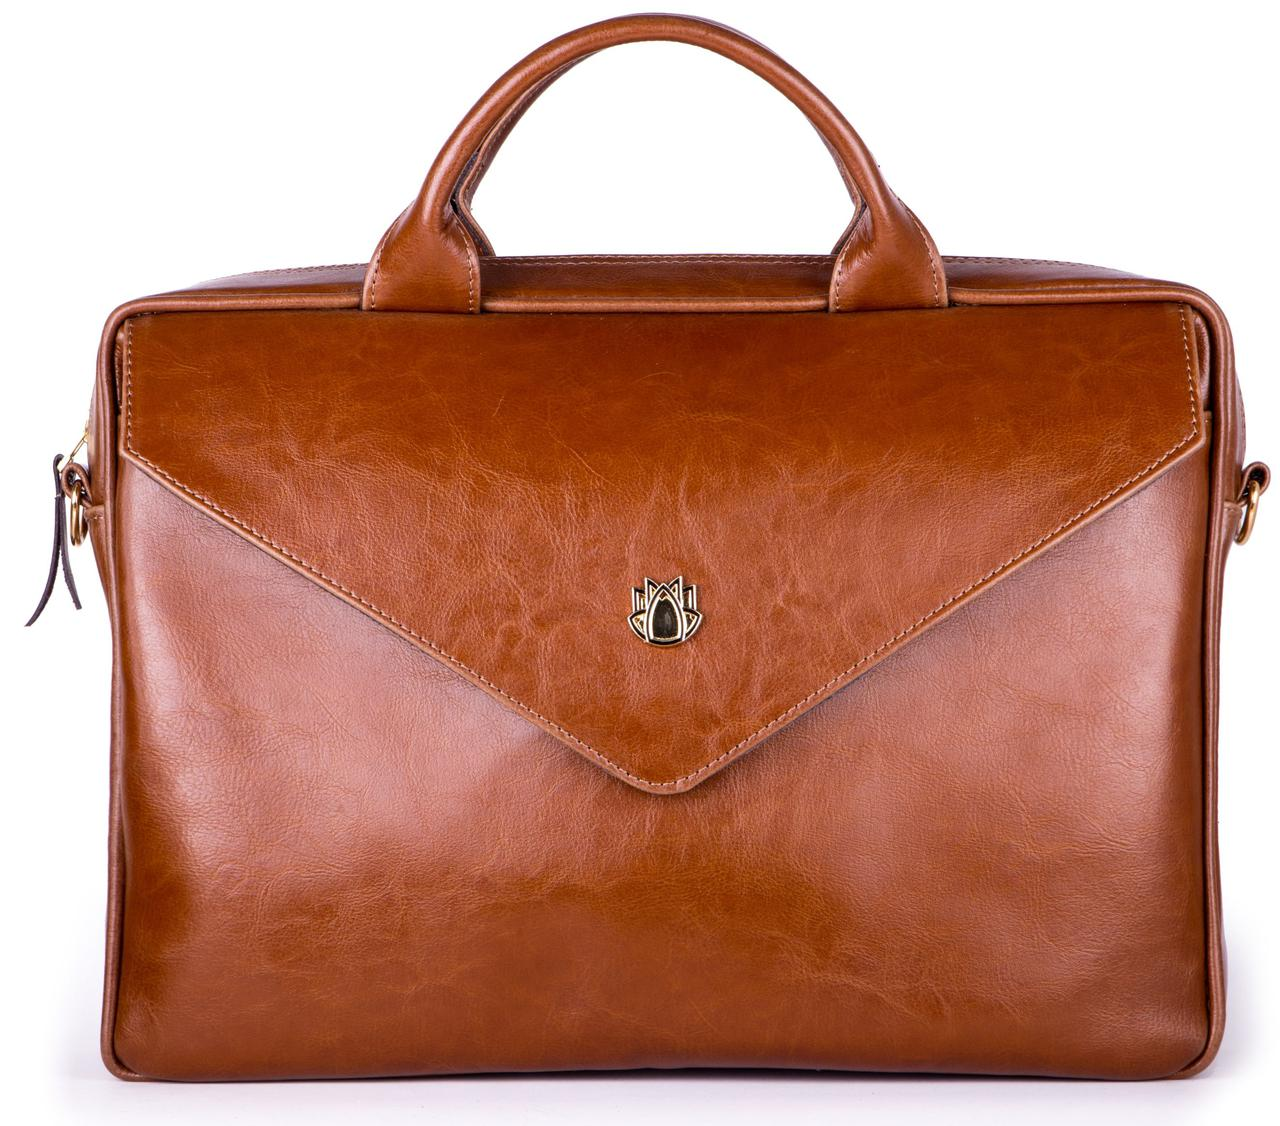 59cc1ea1eba8 Женская сумка для ноутбука 15,6' Felice Fl15 Camel - SUPERSUMKA интернет  магазин в